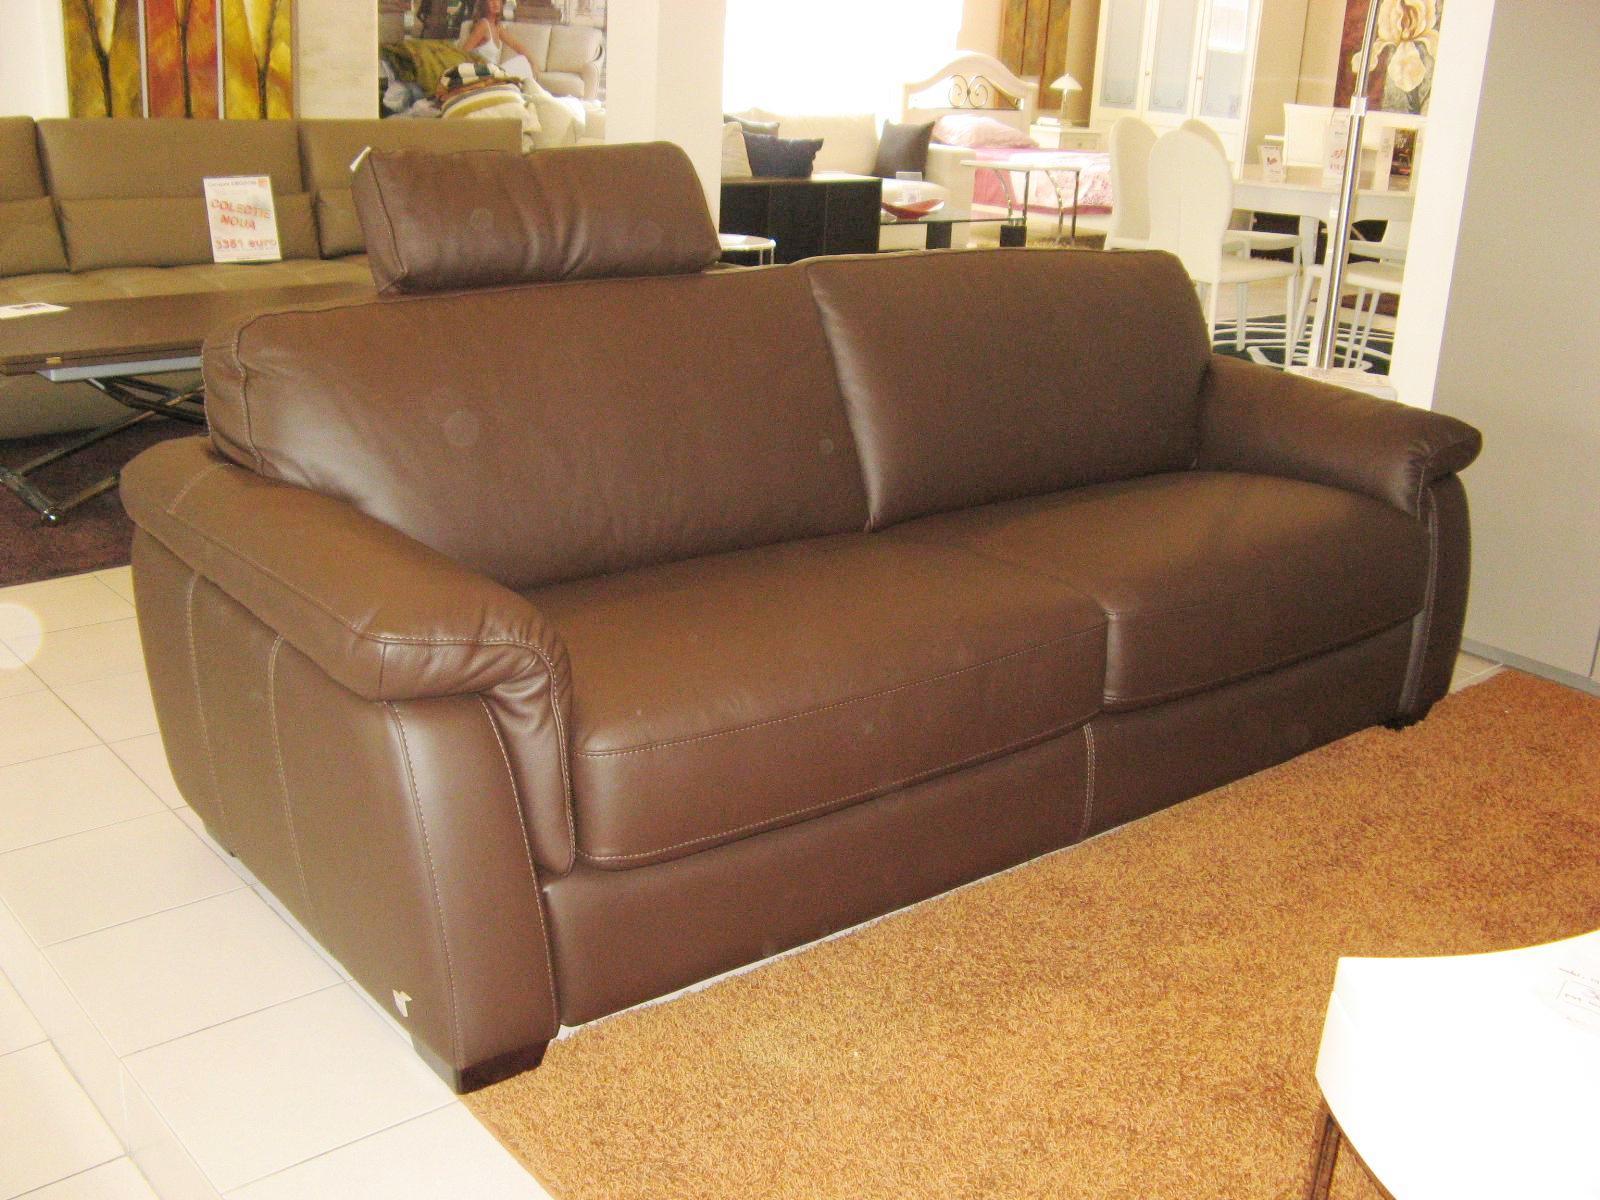 canapea cal 919 3P